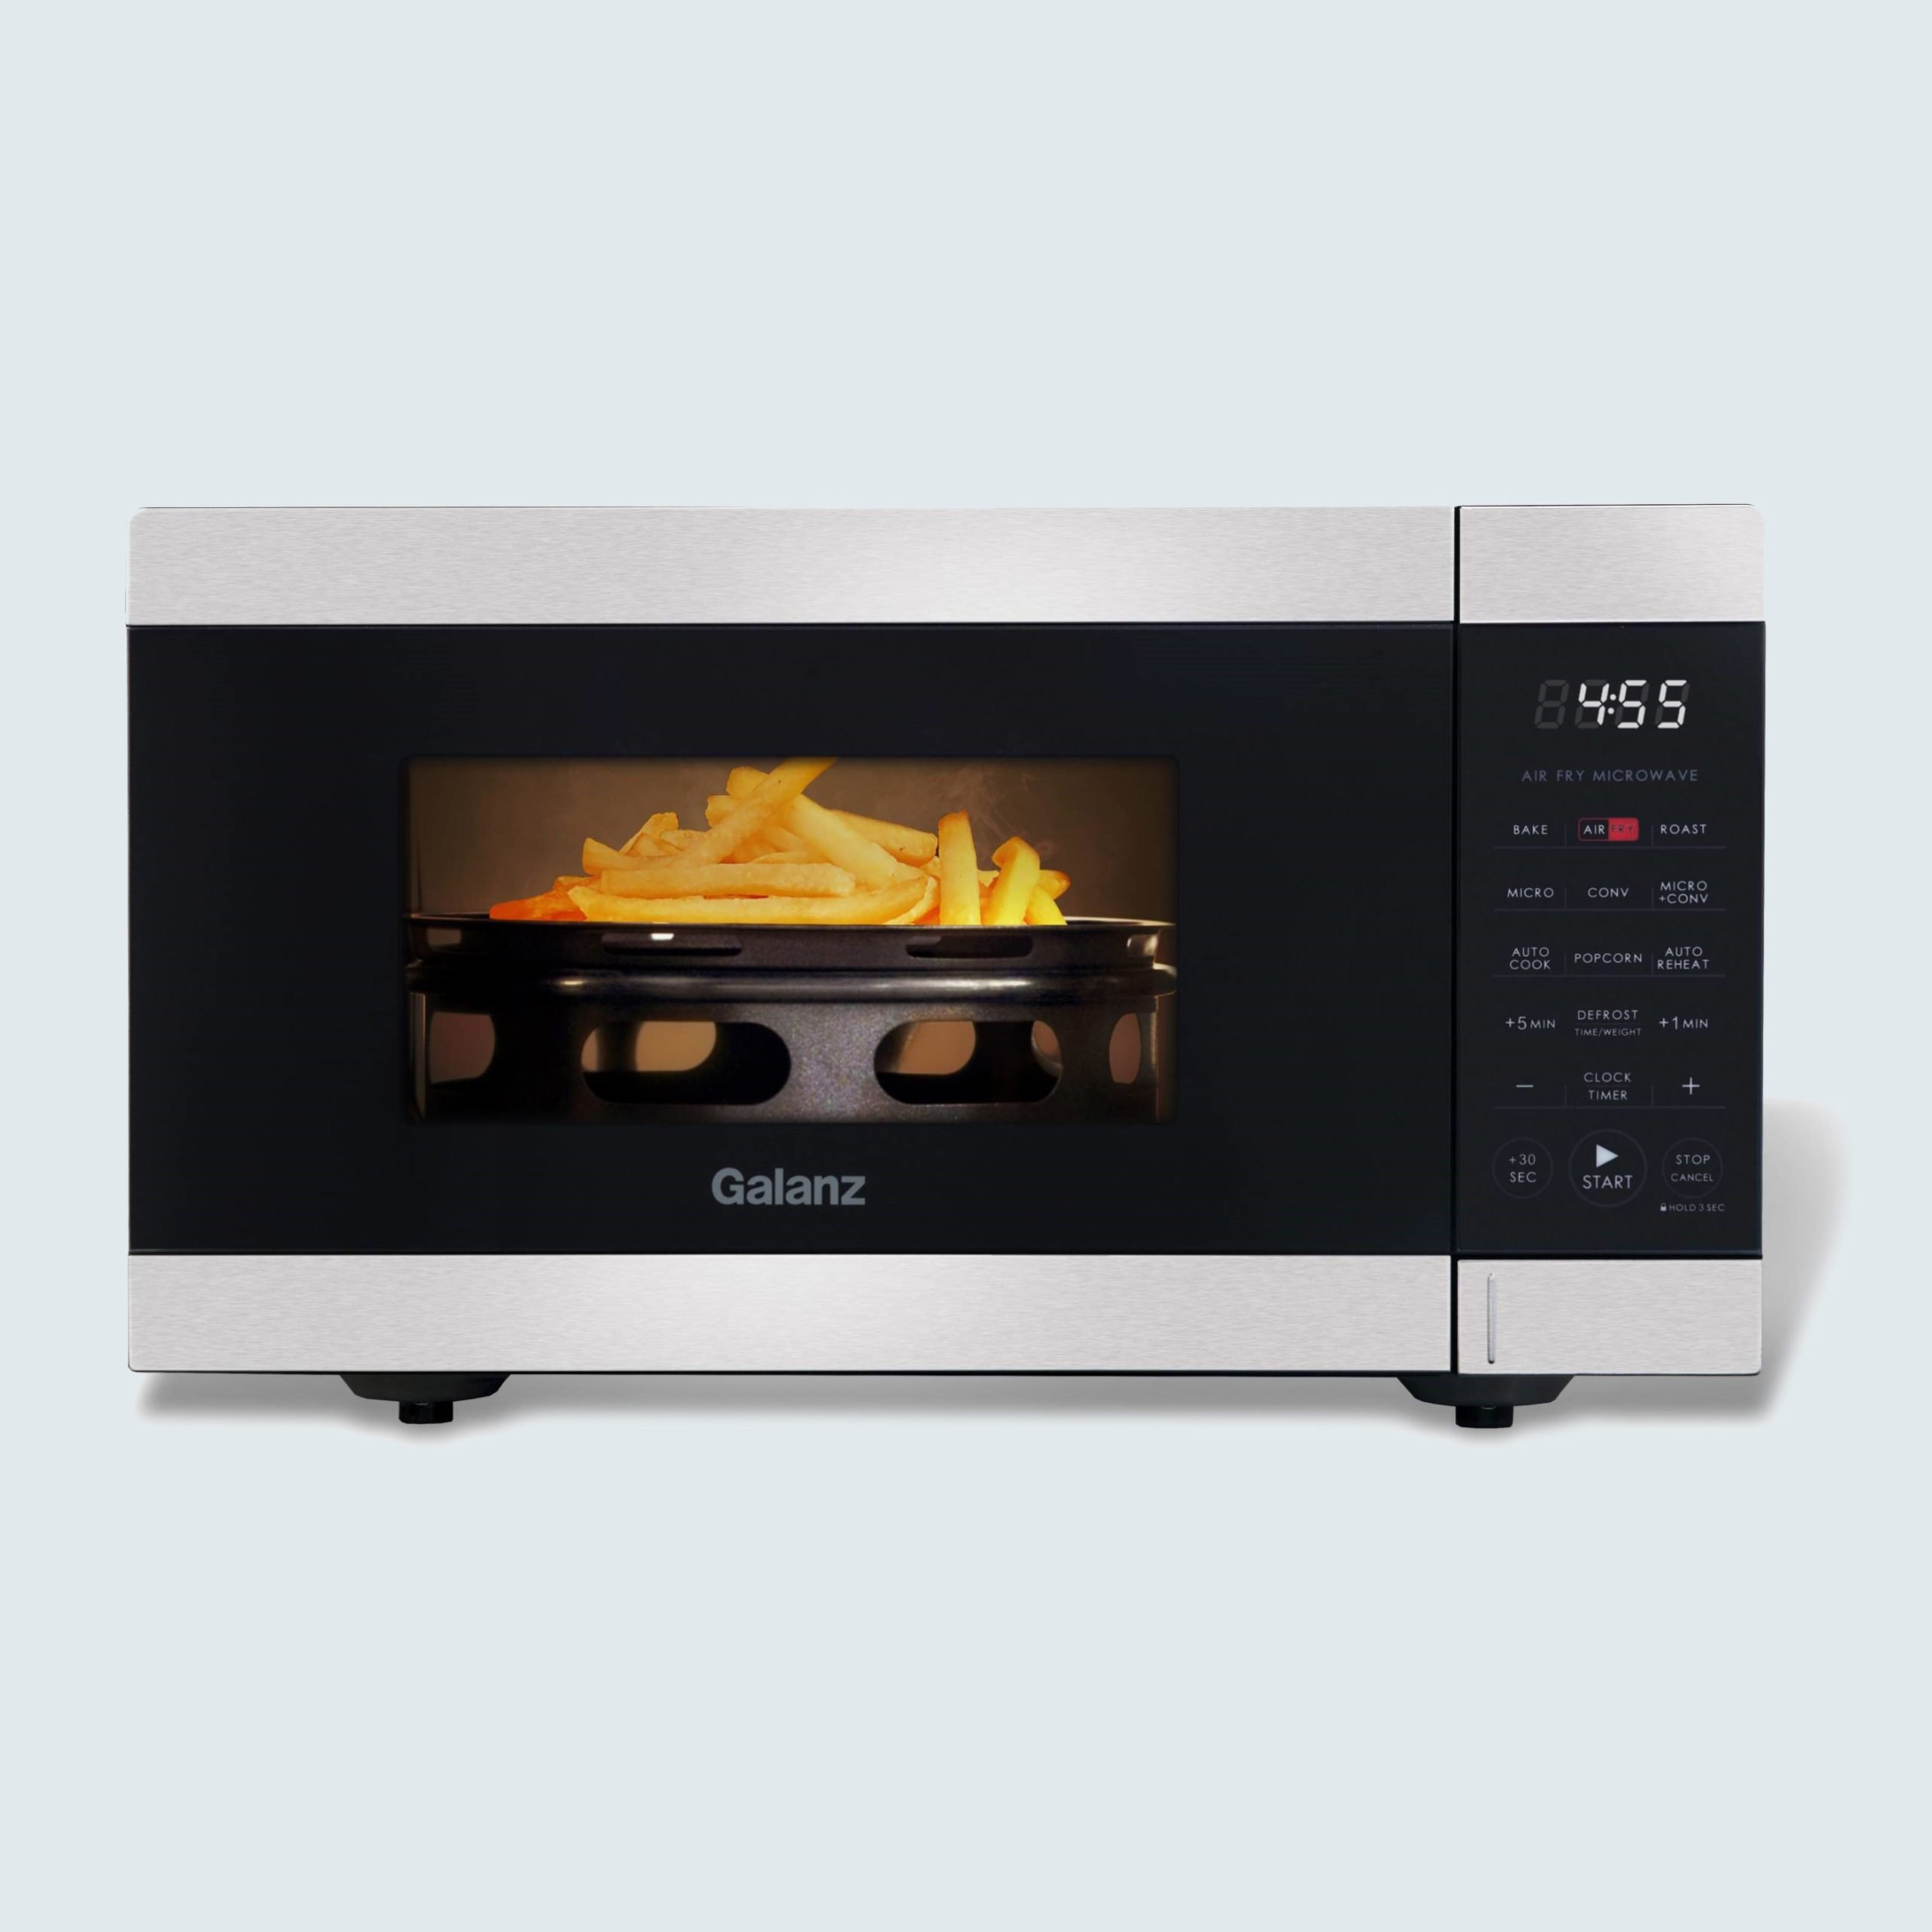 air fry microwave